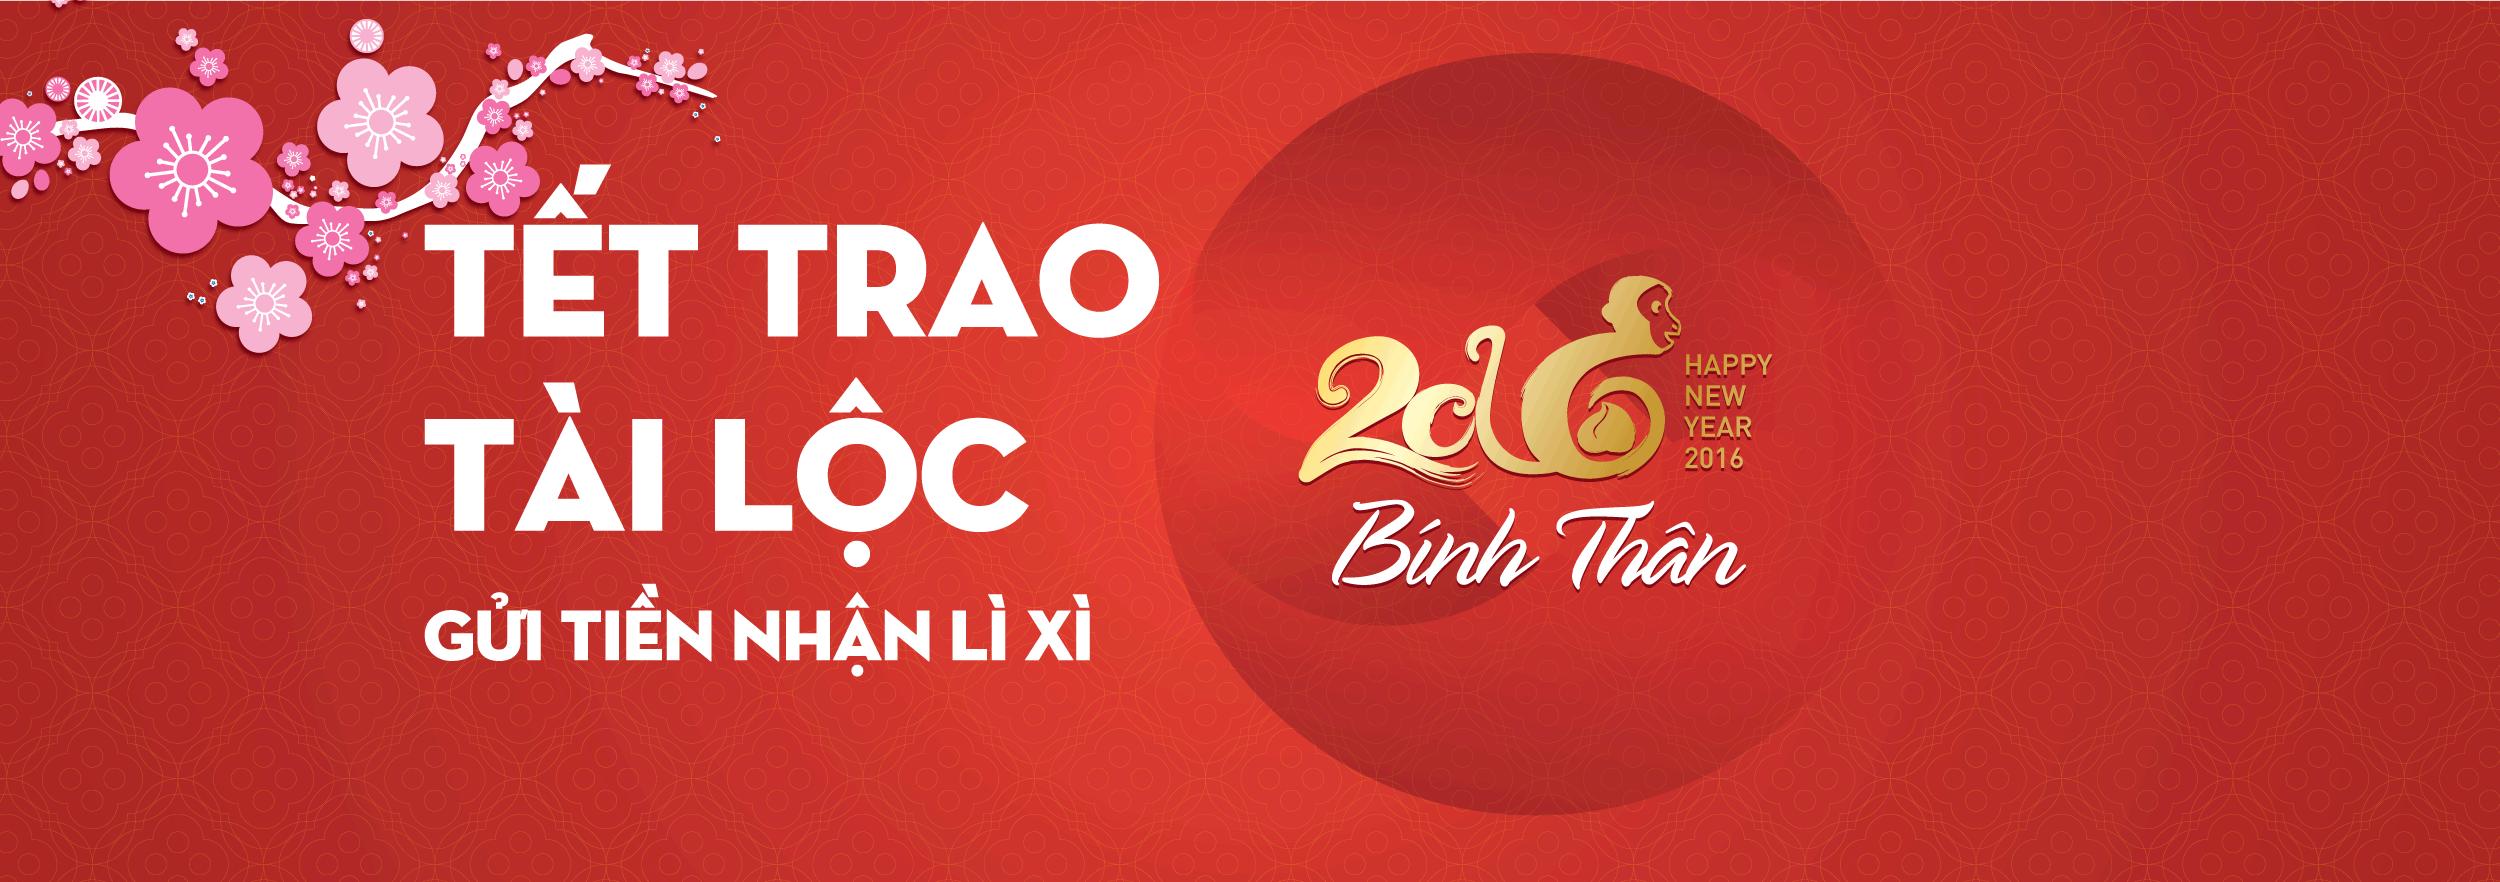 Tết trao tài lộc, NCB tri ân khách hàng nhân dịp Tết Bính Thân 2016